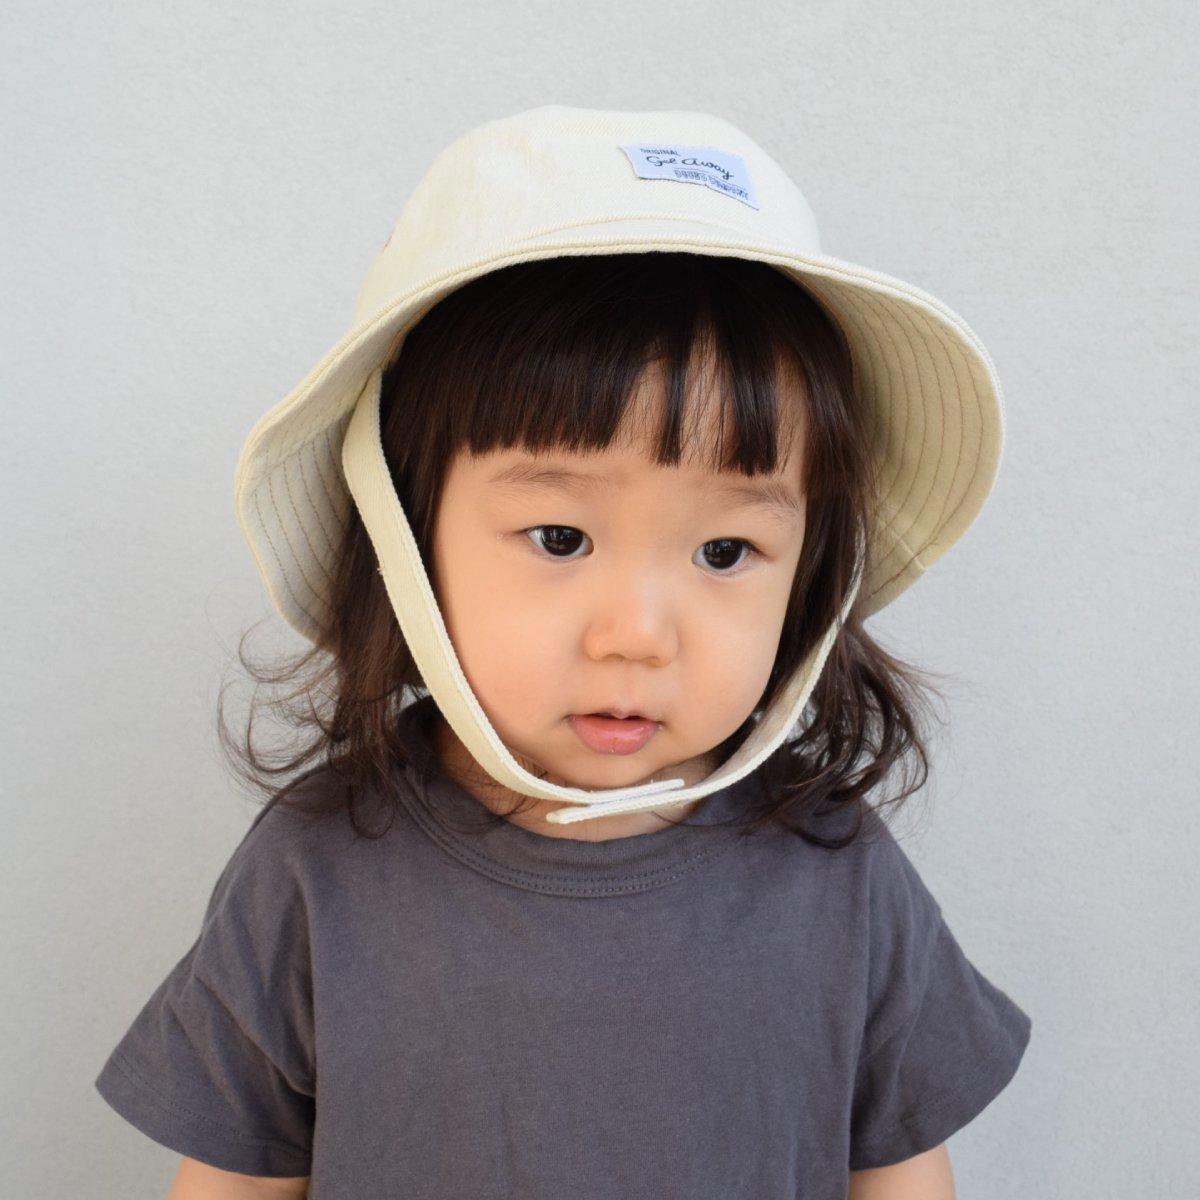 【BABY】Denim Wash Hat 詳細画像17